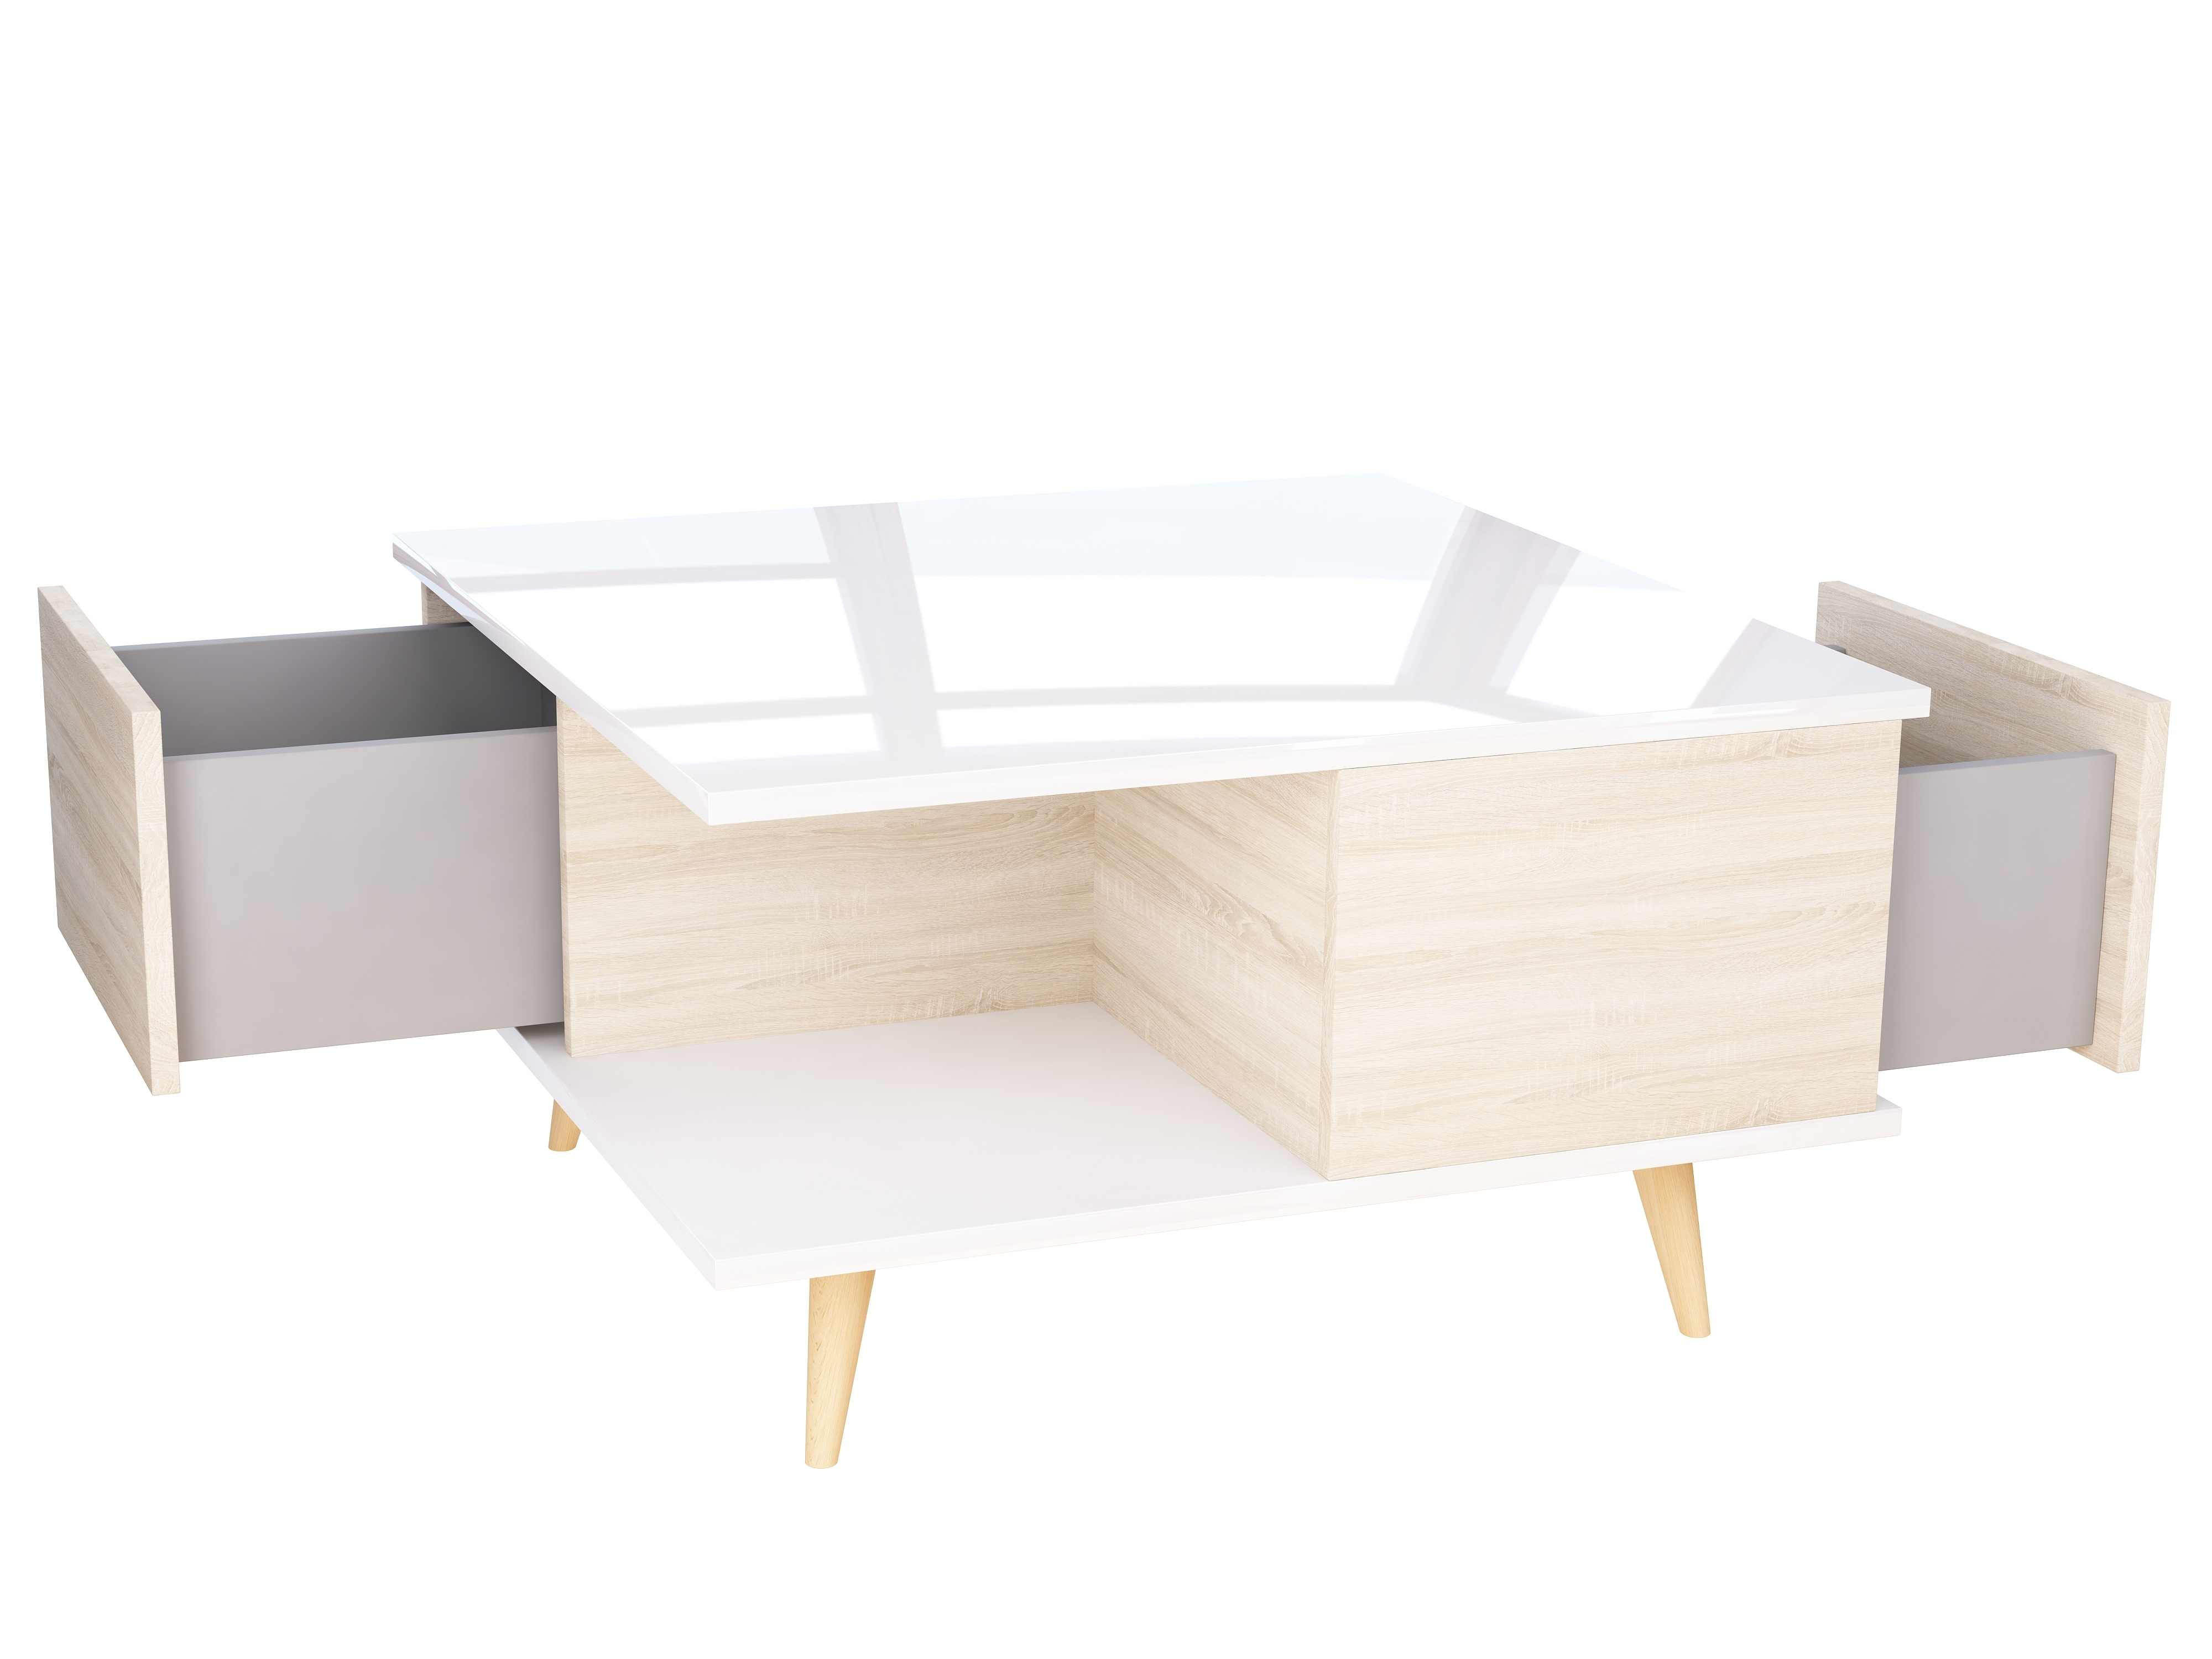 Stolik do salonu, mebel w stylu skandynawskim, nogi z litego drewna.